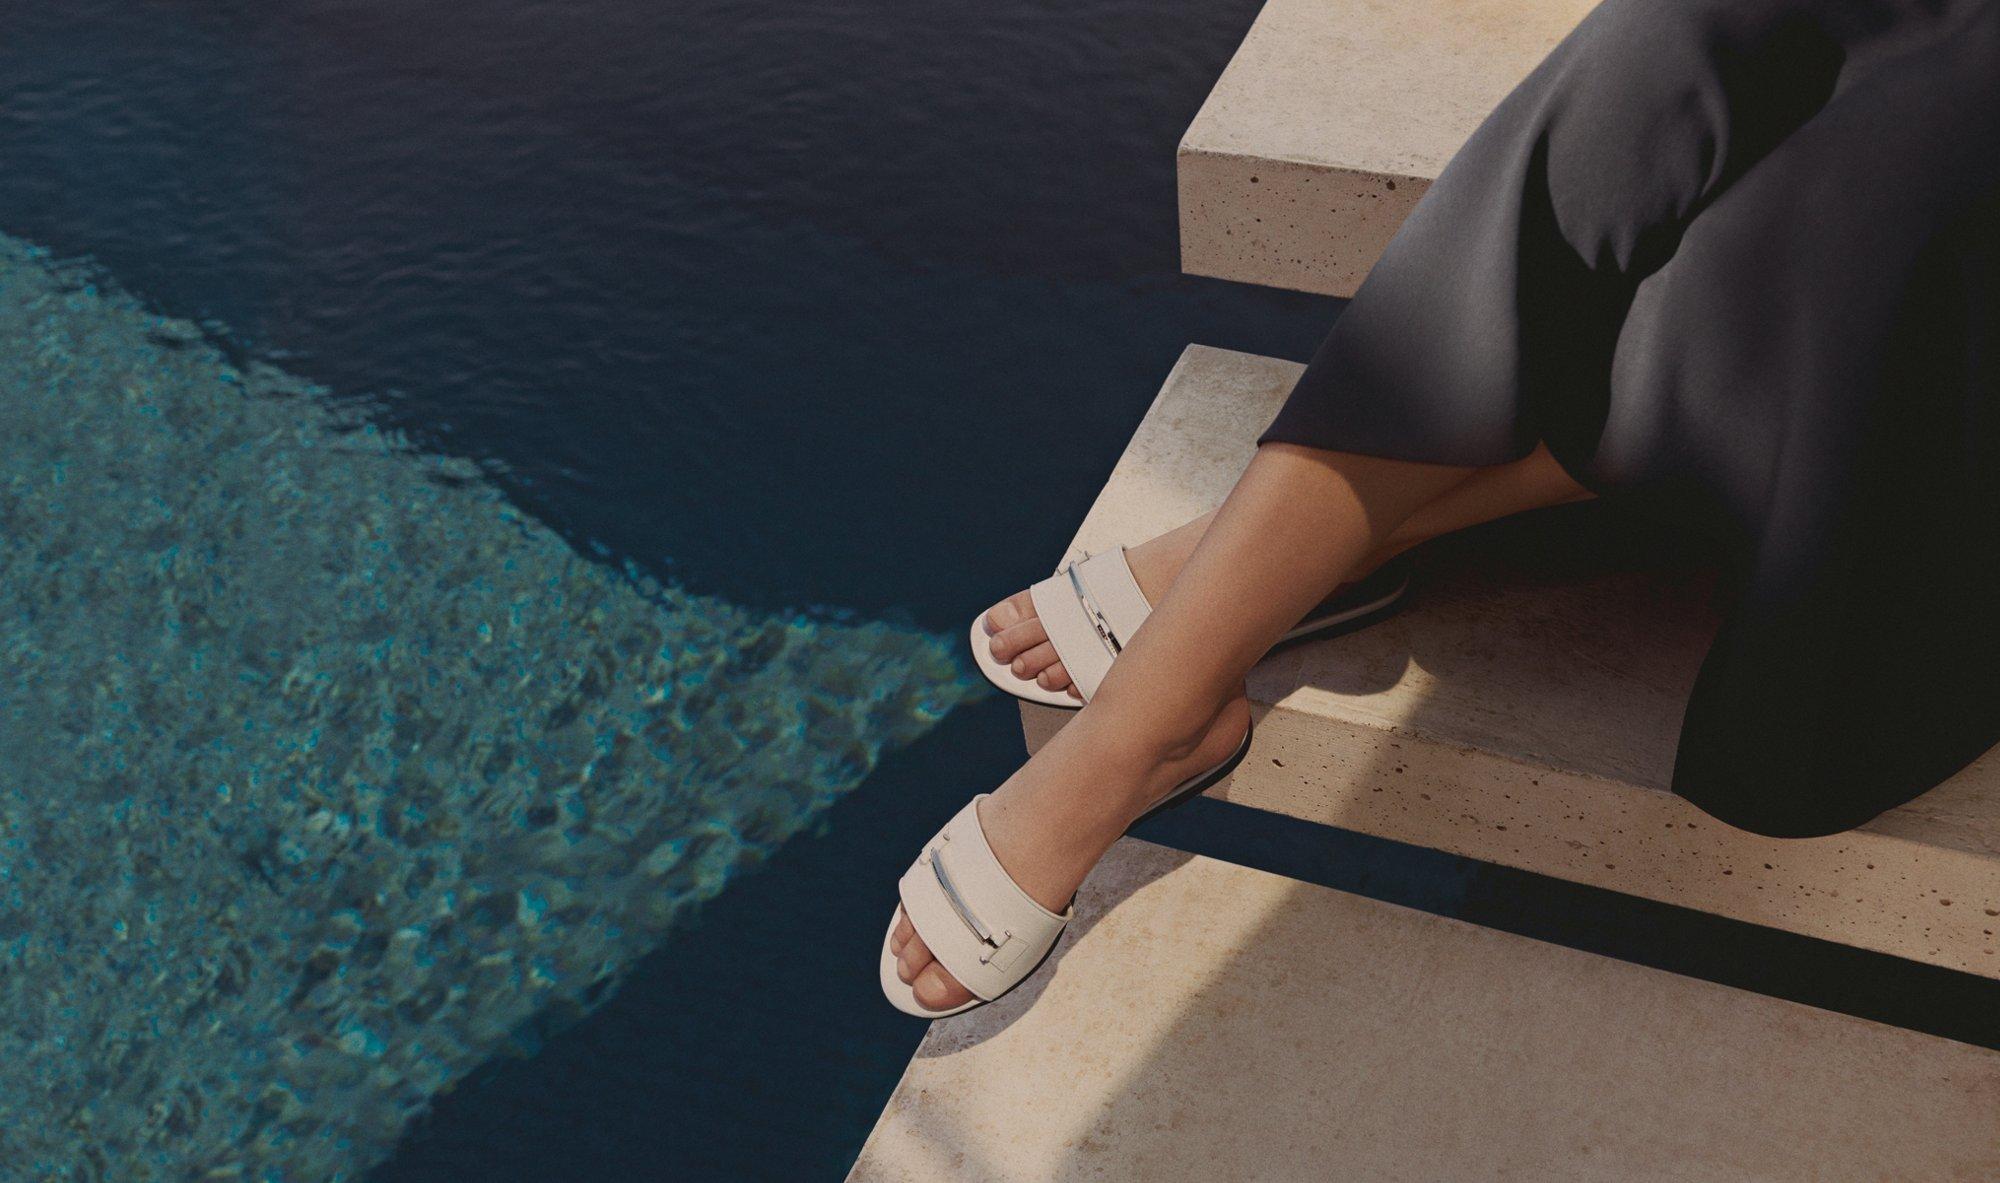 简洁型格魅力<br/><br/>清爽简洁是夏季各式场合的穿搭要点。本款轻质剪裁的露肩裙装使你的夏日装扮事半功倍